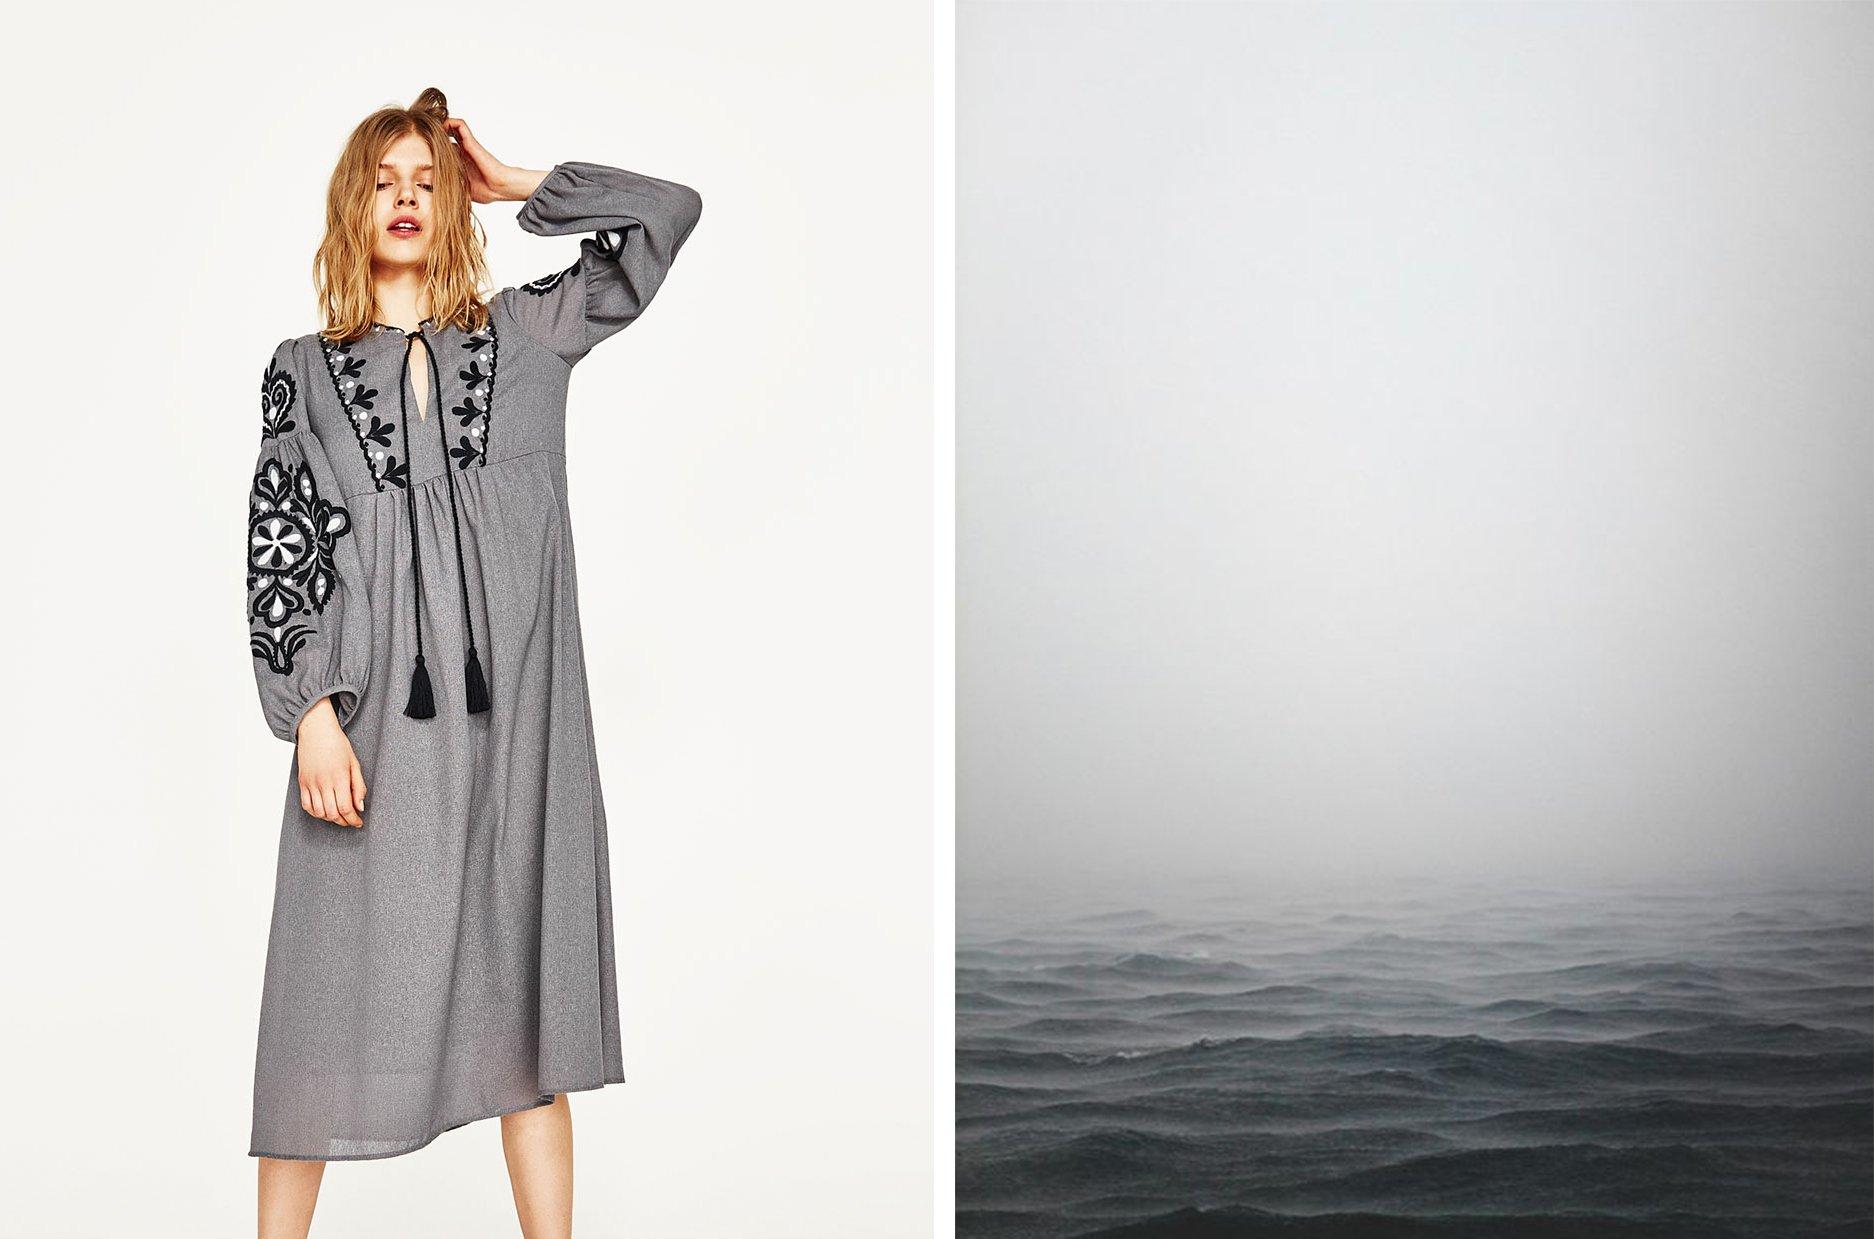 Saldi Zara: cosa acqusitare in estae da indossare in autunno